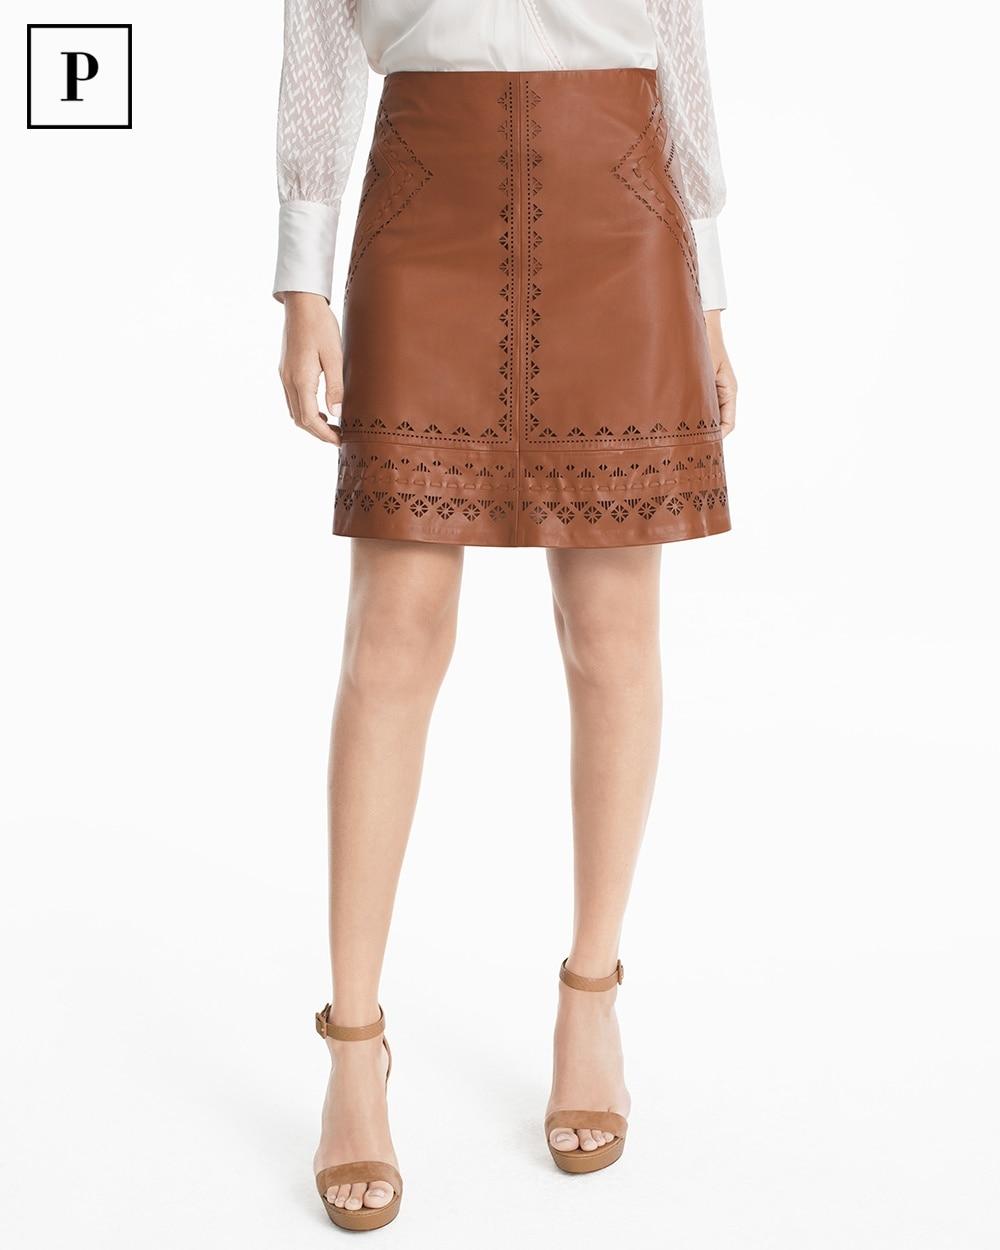 c68bd37ace70 Petite Laser-Cut Leather A-line Skirt - White House Black Market